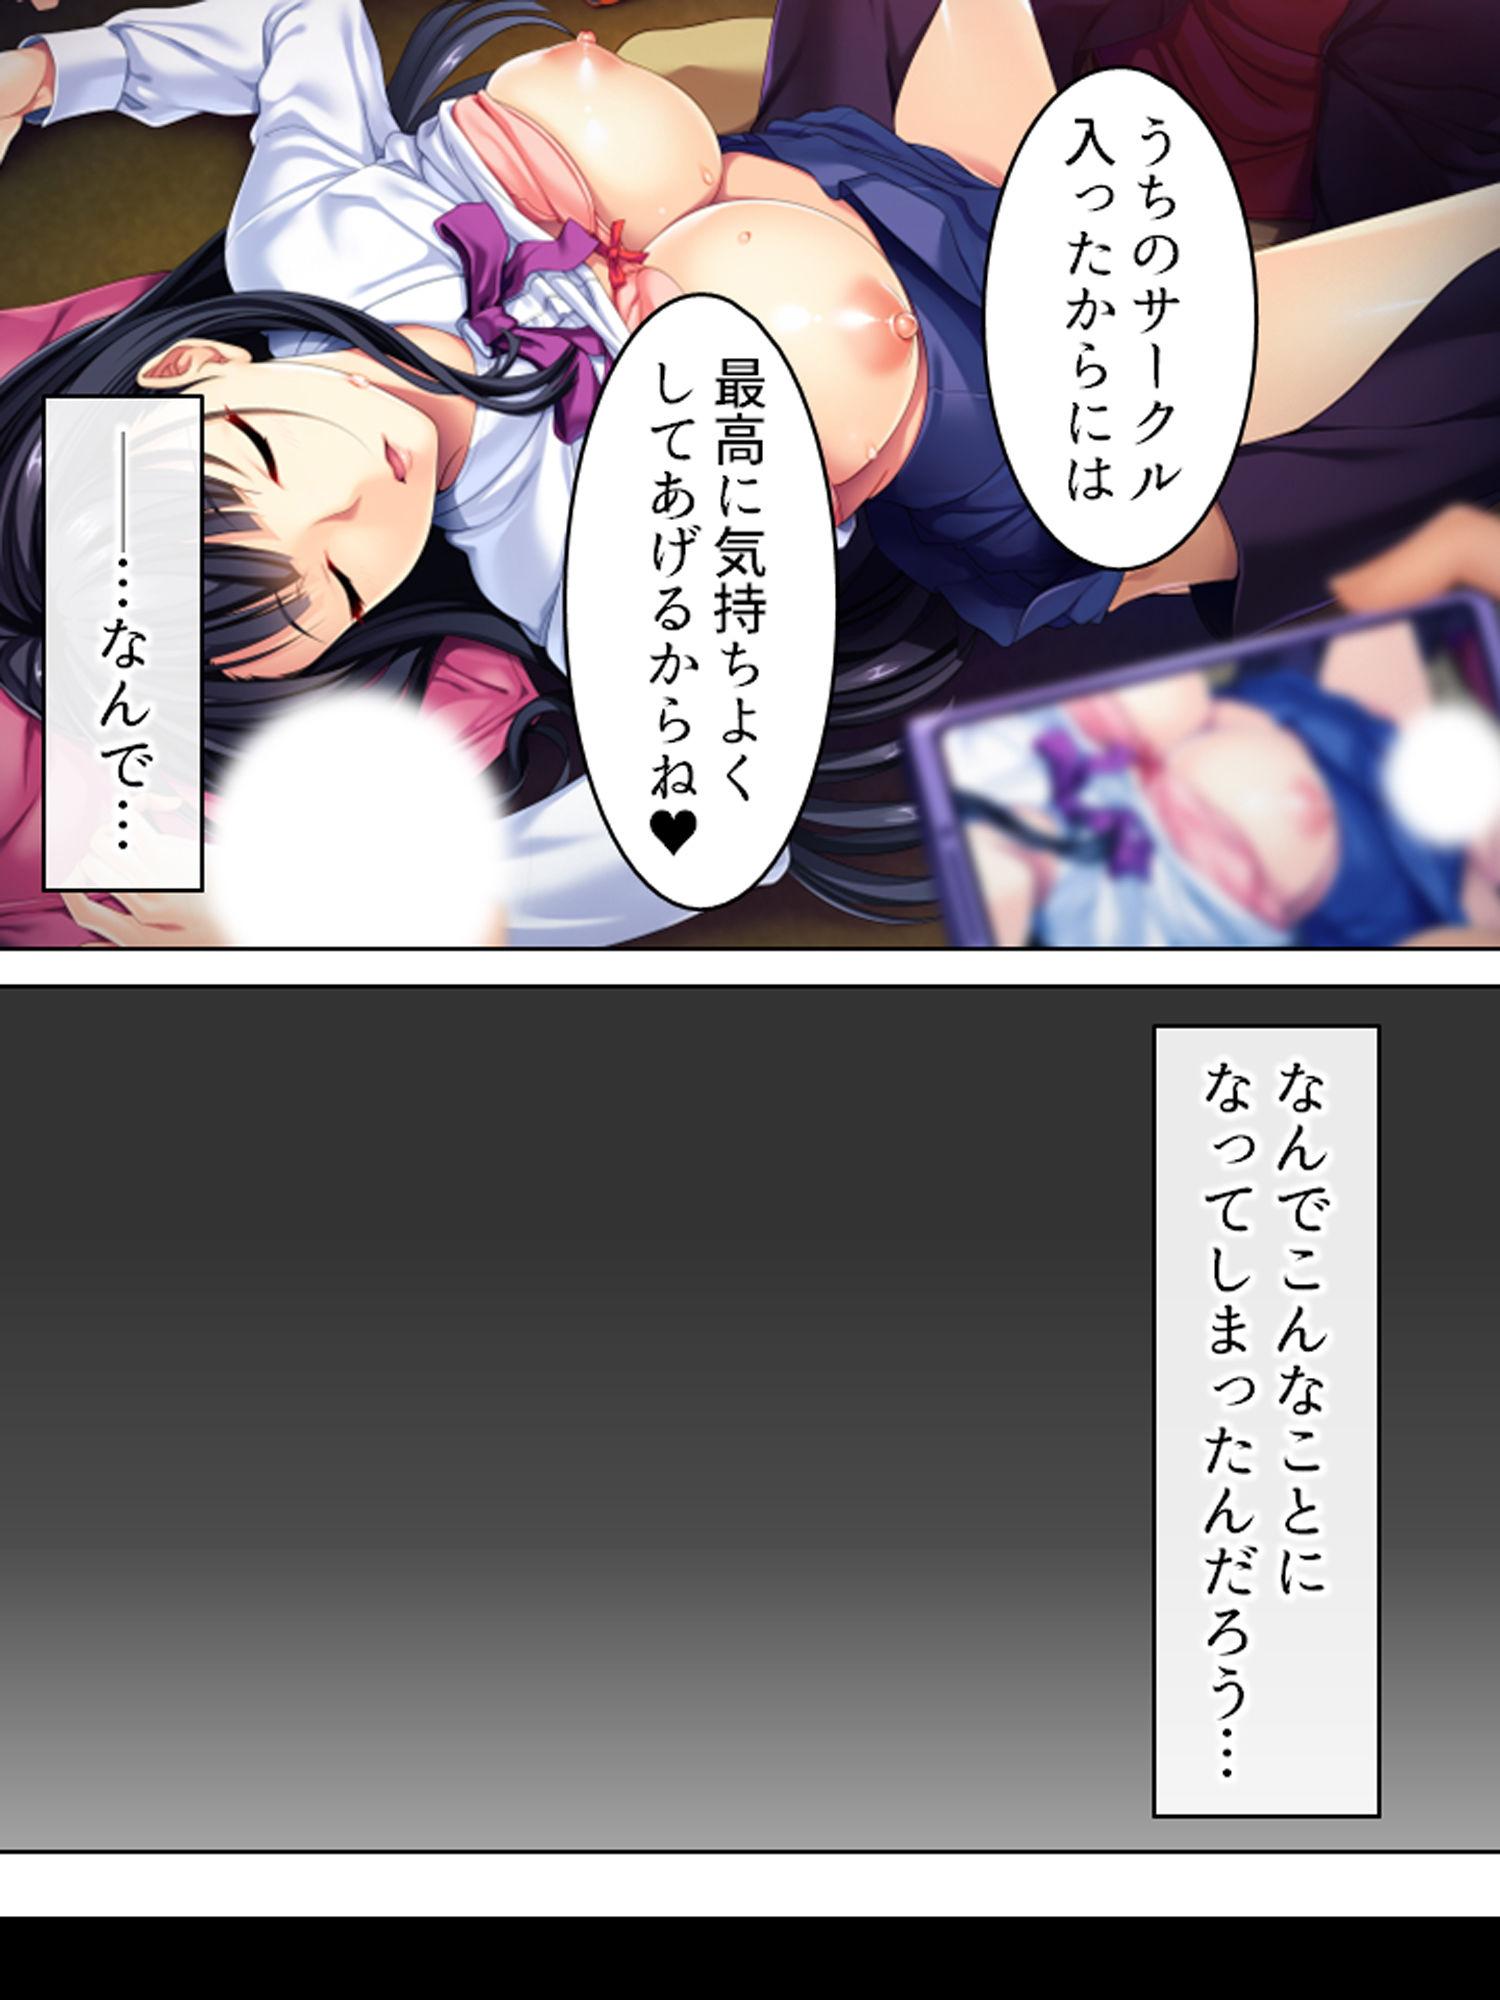 【アロマコミック 同人】ヤリサーでハメられ続ける新入生上巻